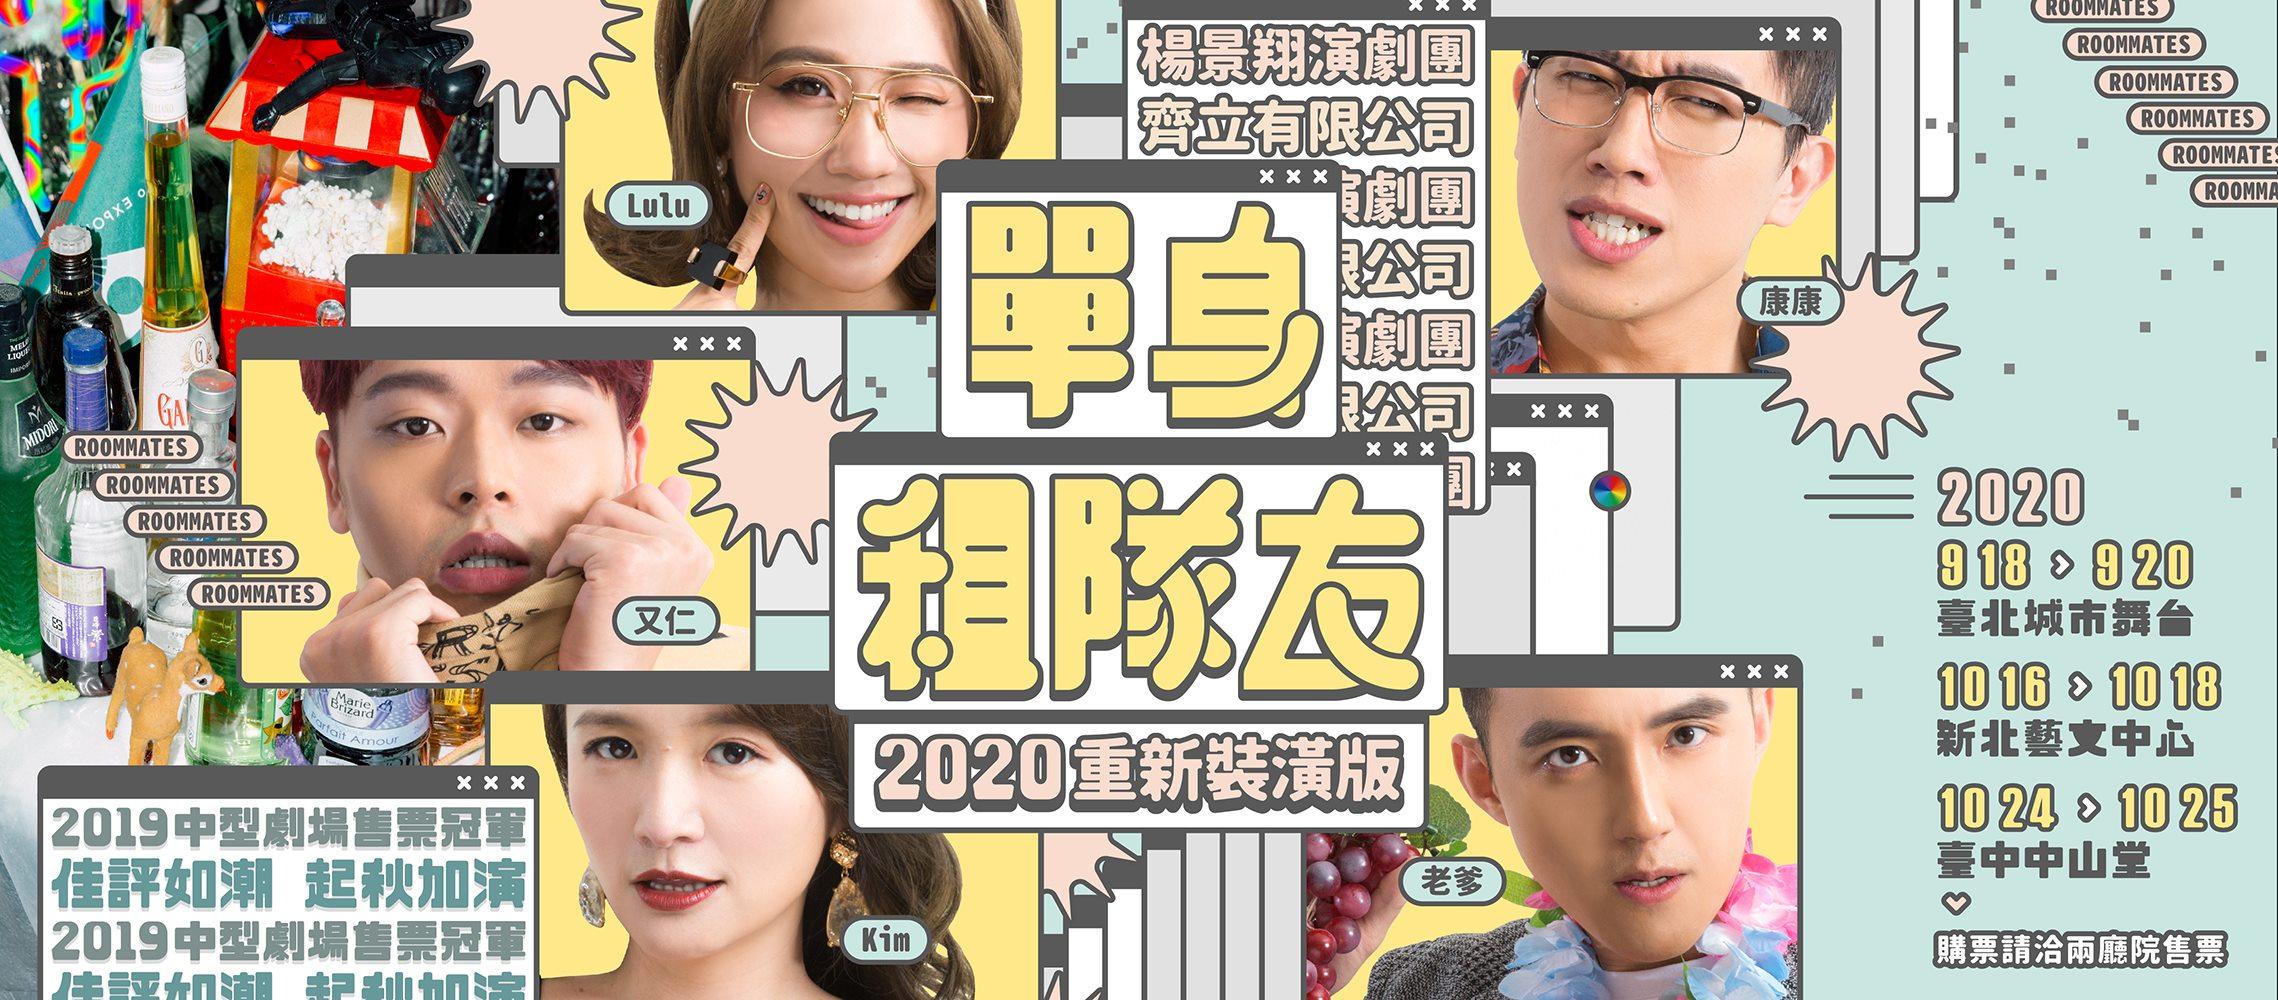 楊景翔演劇團《單身租隊友》2020重新裝潢版